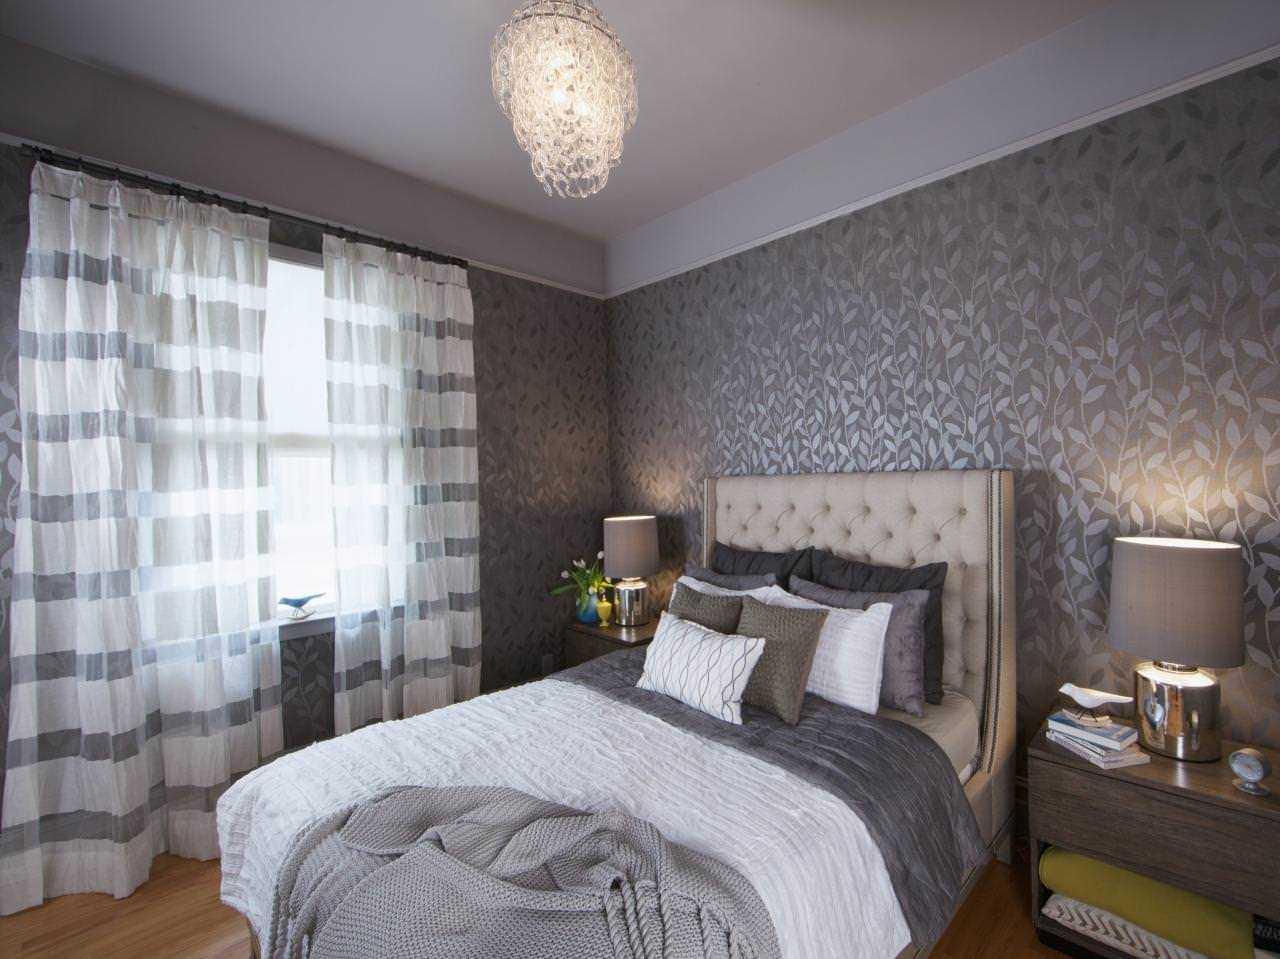 kombinacija svijetlo sive boje u unutrašnjosti dnevne sobe